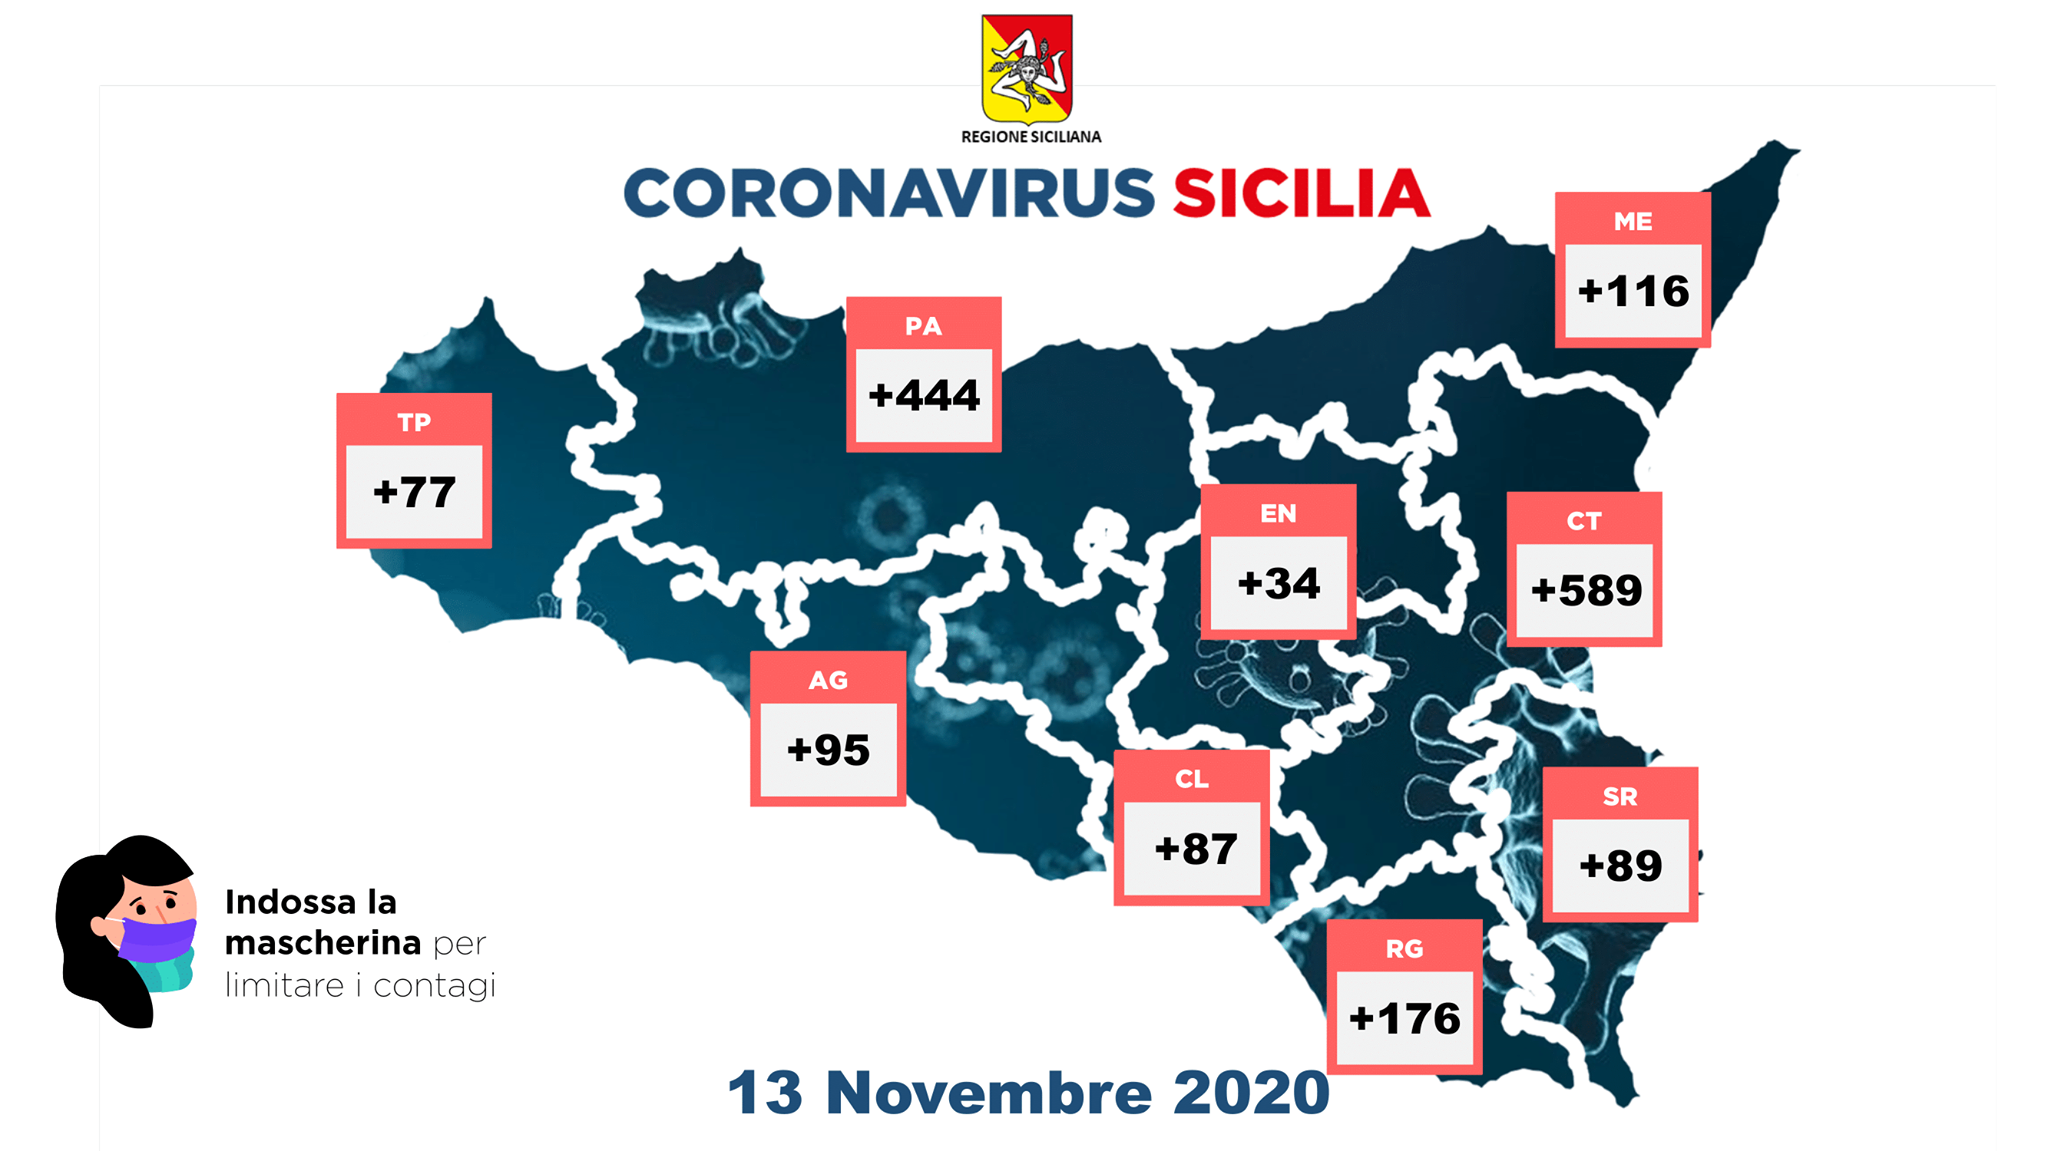 Contagi stabili in Sicilia, 1.707: boom di positivi a Catania che toccano i 589